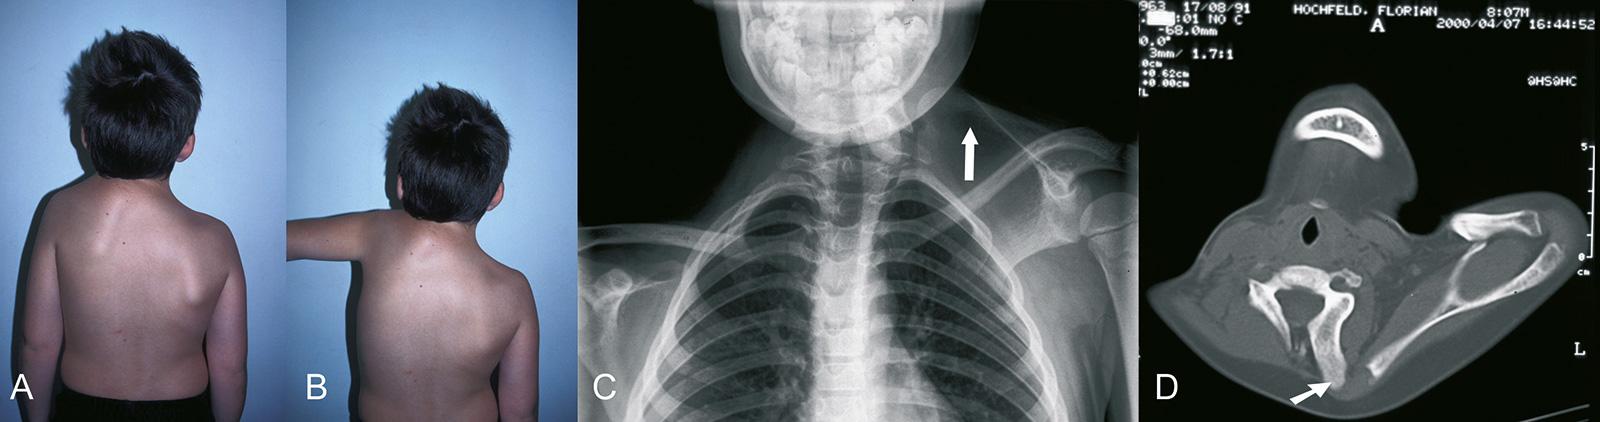 Abb. 4-67: Junge mit einer Sprengel'schen Deformität (A-B), Schulterhochstand (C), das CT zeigt ein Os omovertebrale (C&D)